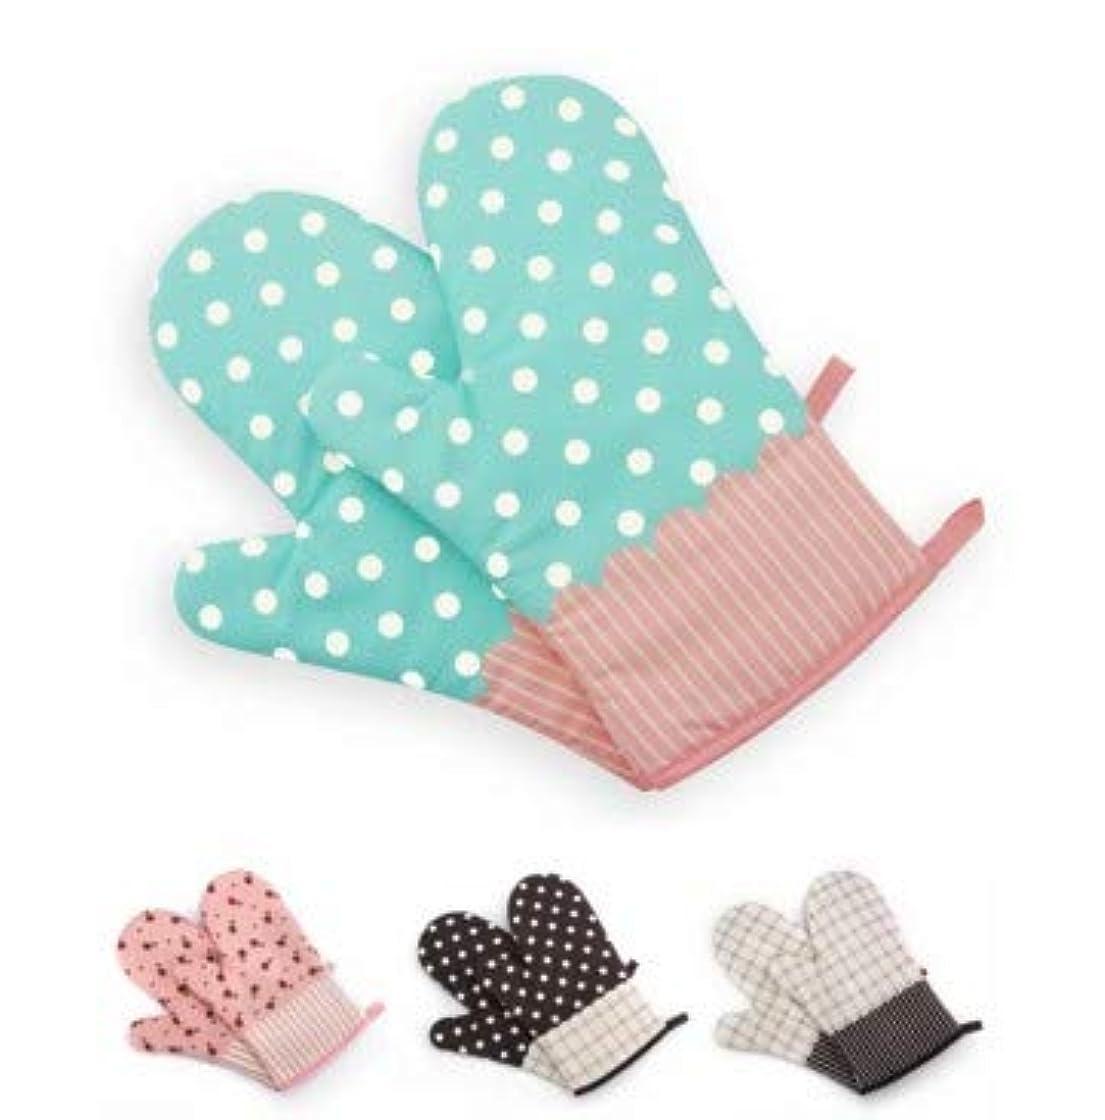 水平浮くフォーマル高温オーブン電子レンジ手袋絶縁焼け防止耐熱ベーキング手袋 (PATTERN : Color: pink floral)